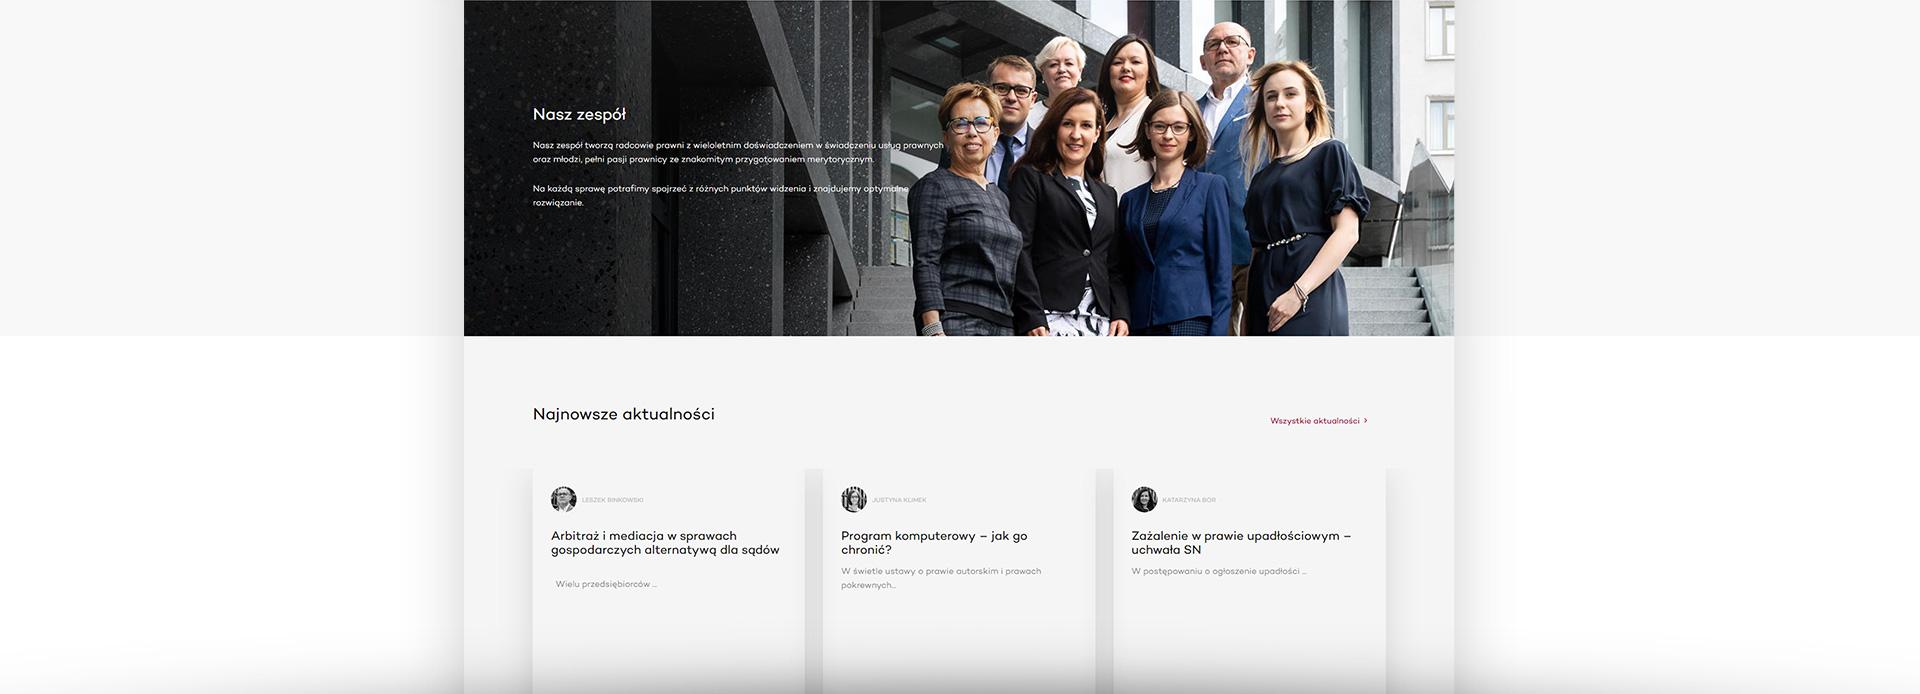 tworzenie stron www poznań kancelarie prawne